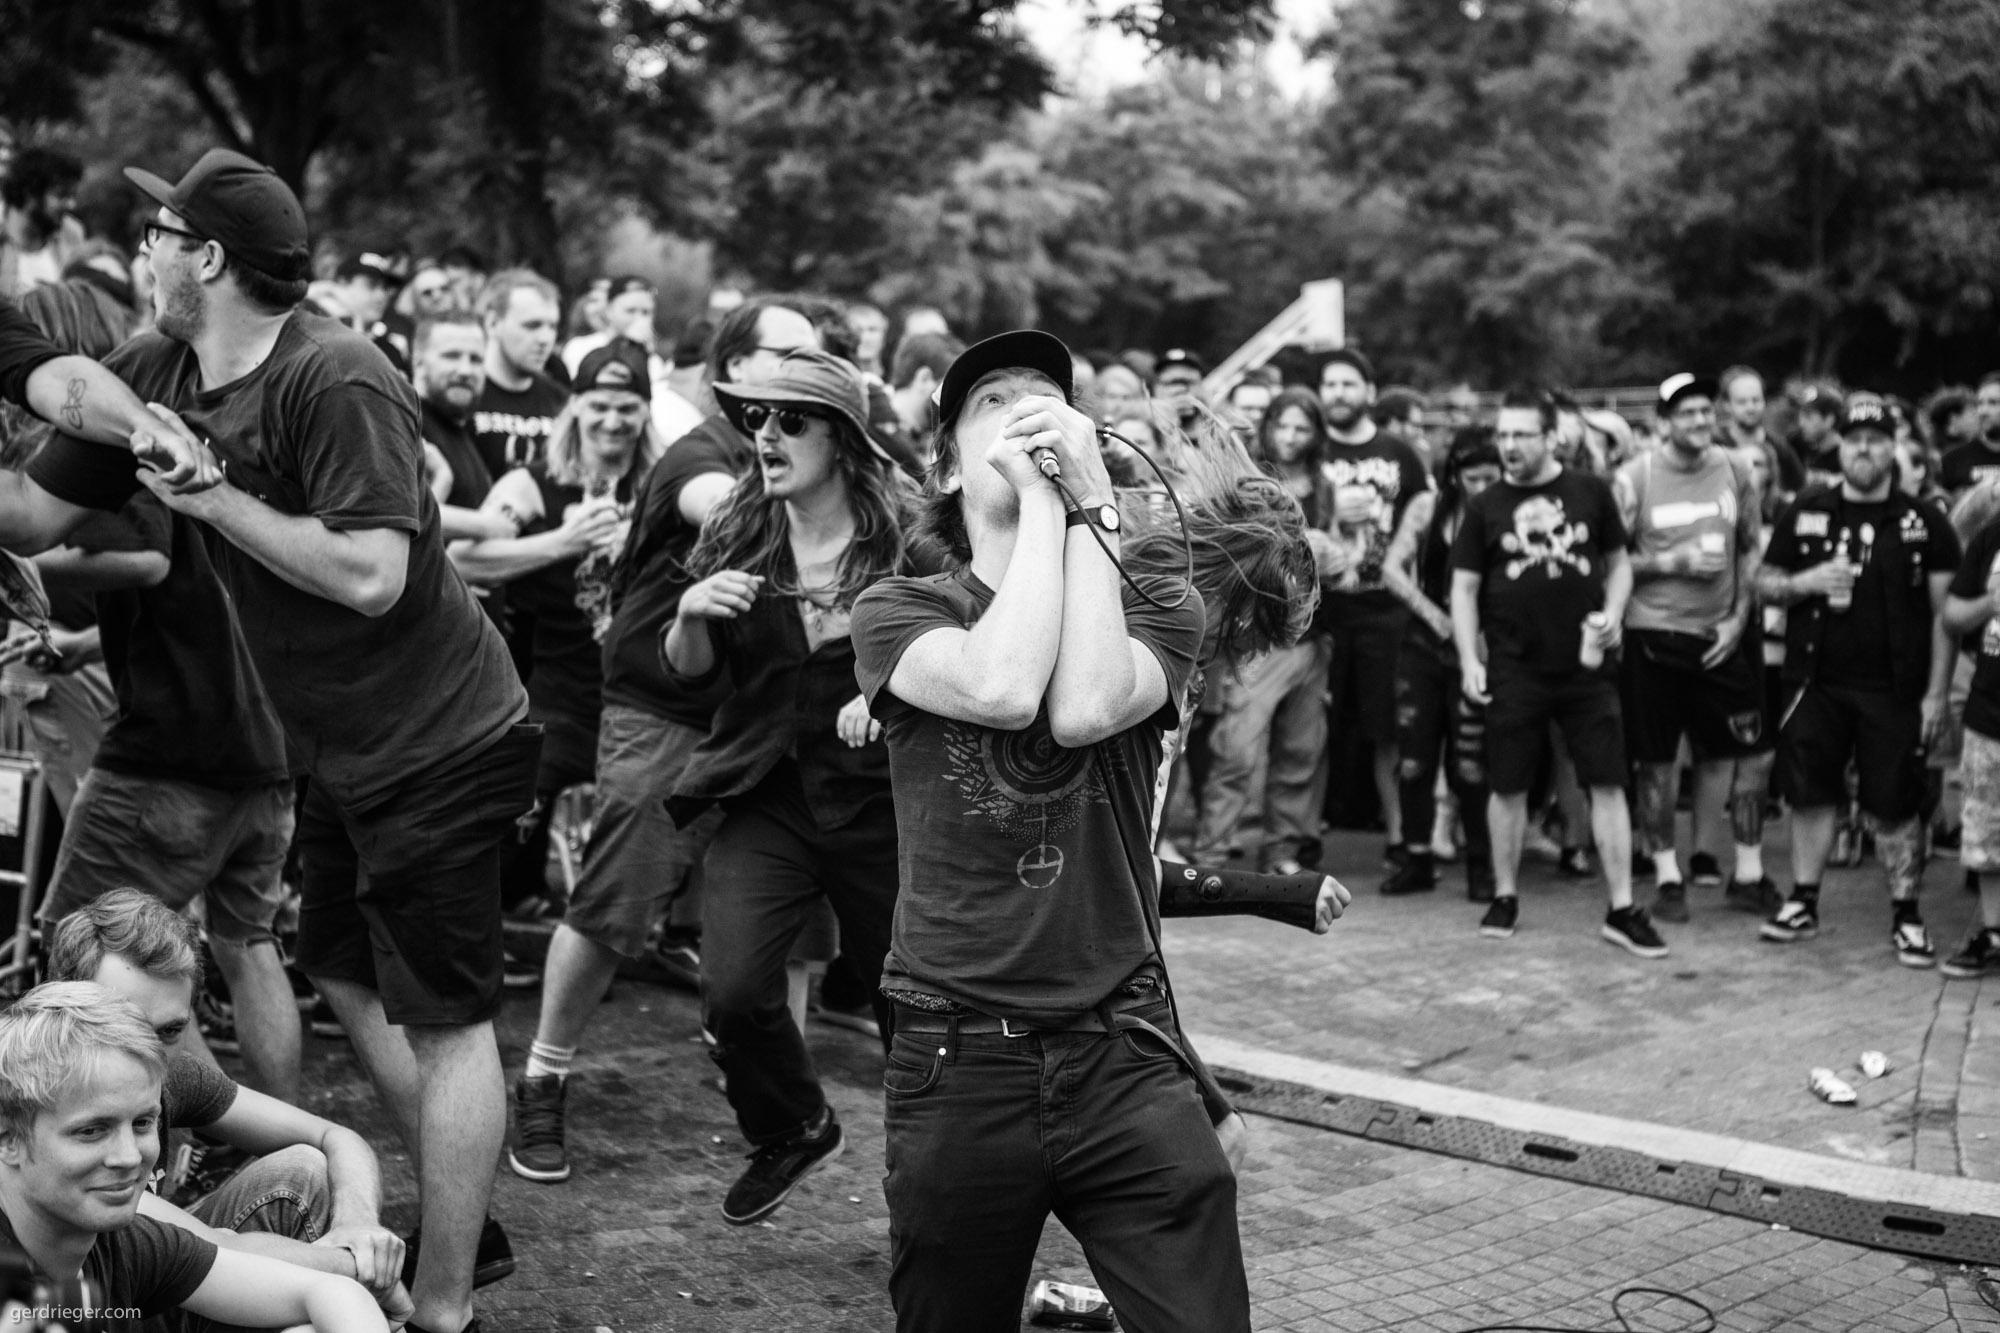 2017-07-08_Bergfest-Bailgun-4133